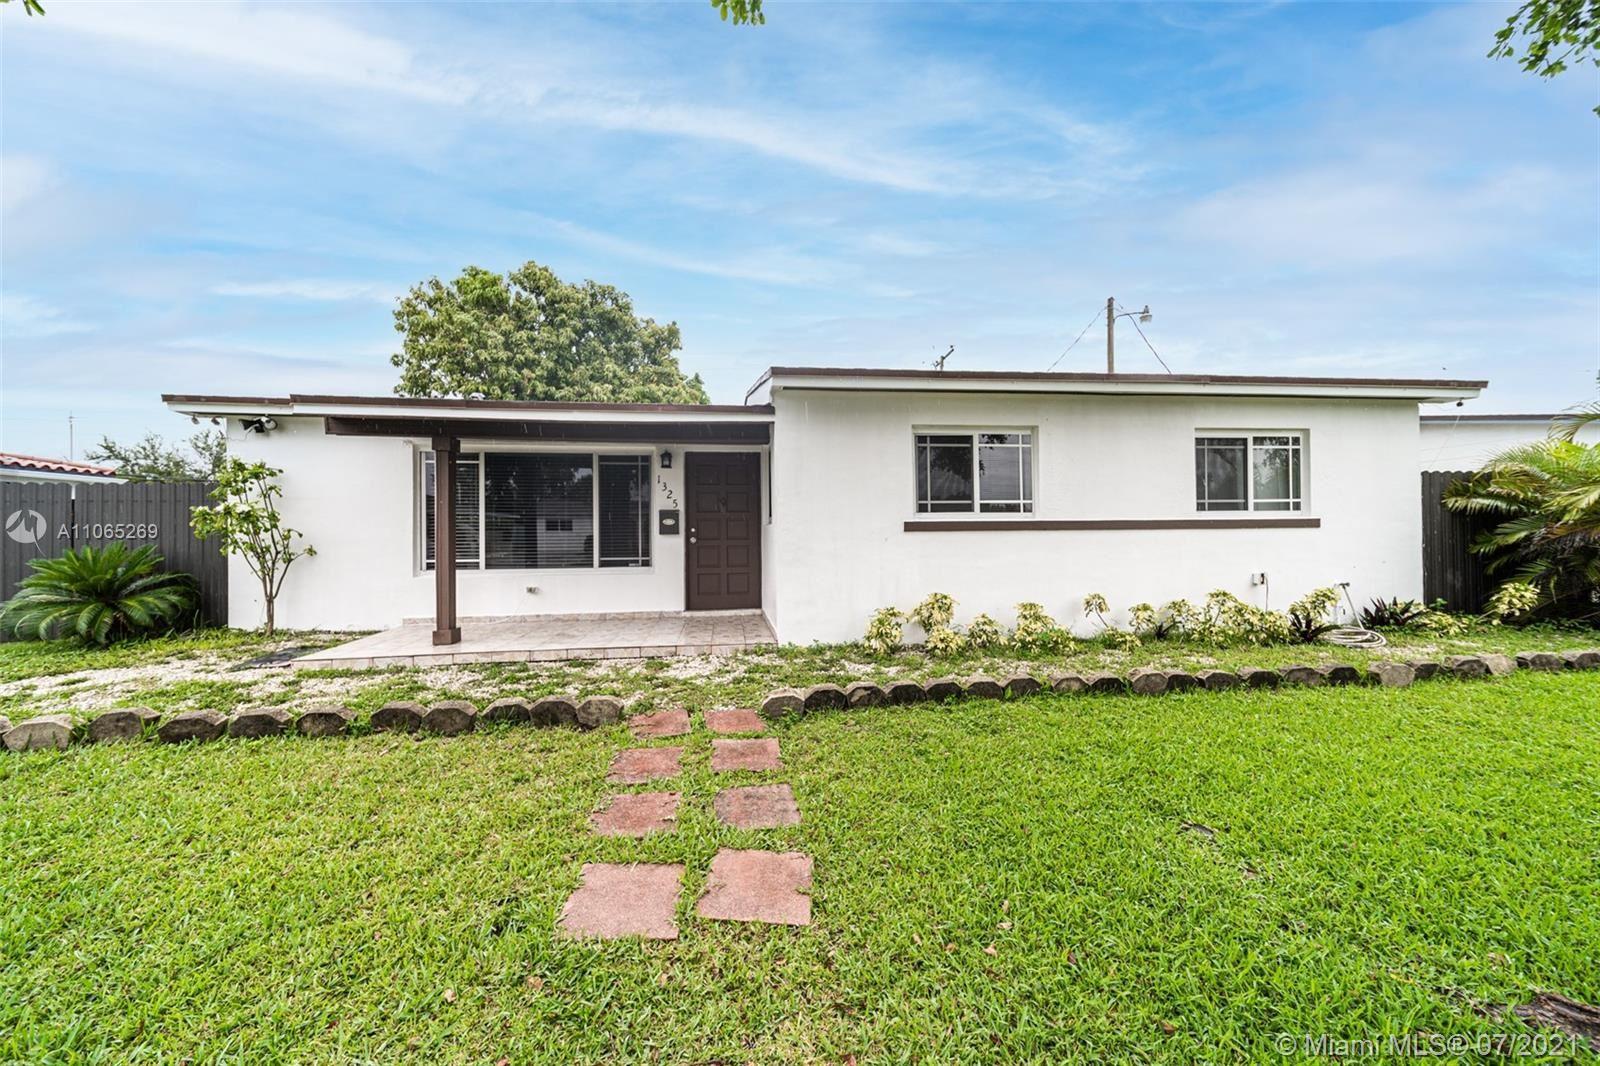 1325 SW 92nd Ct, Miami, FL 33174 - #: A11065269